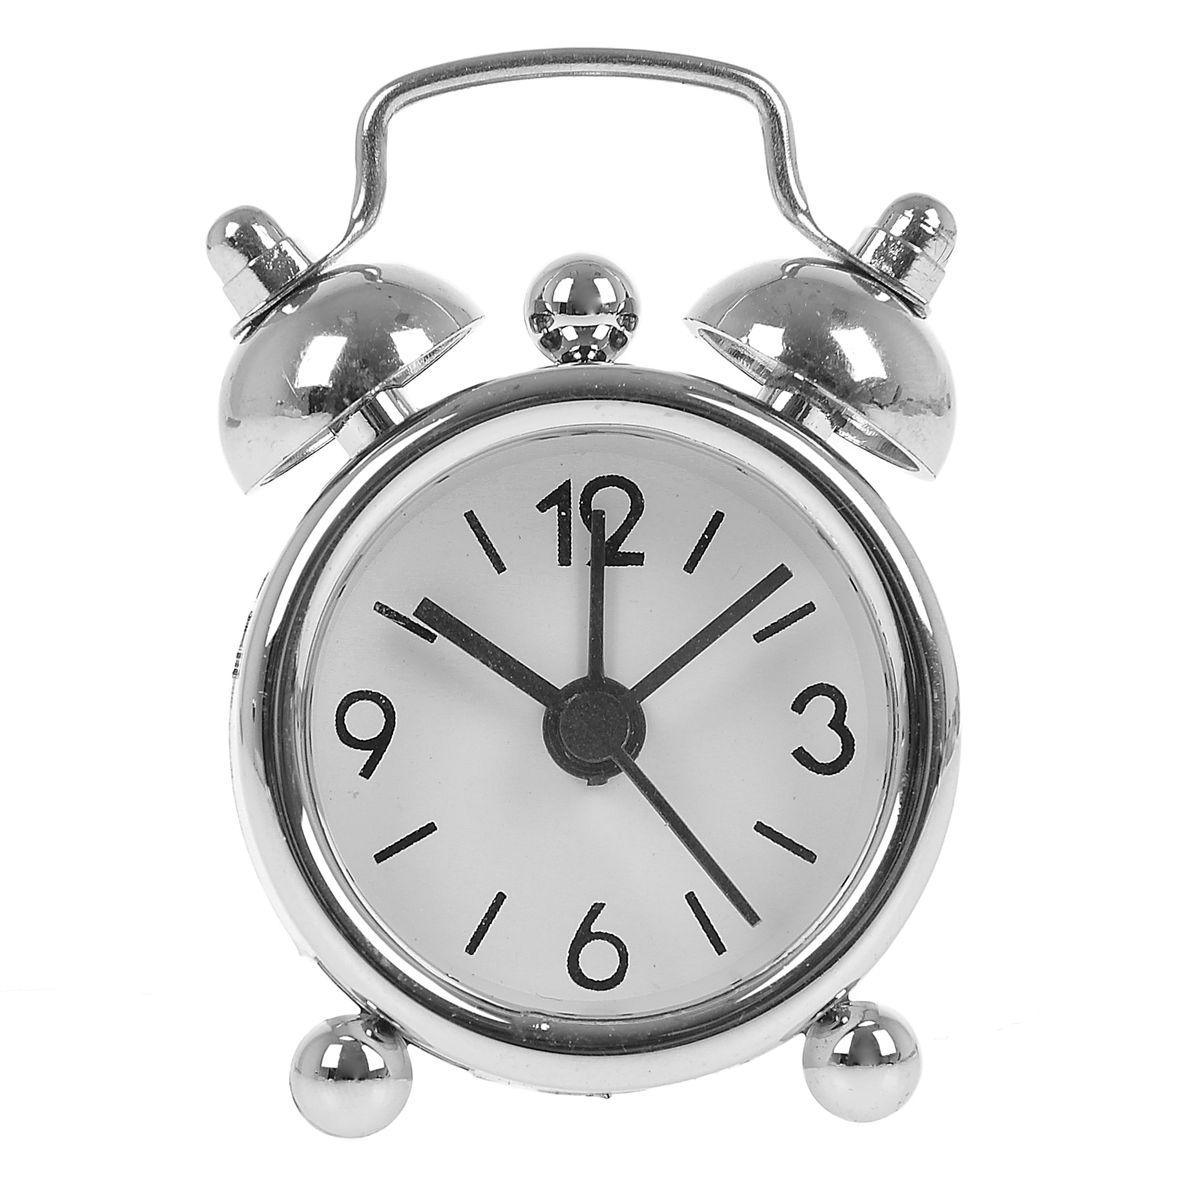 Часы-будильник Sima-land, цвет: серебристый. 840939839674Как же сложно иногда вставать вовремя! Всегда так хочется поспать еще хотябы 5 минут и бывает, что мы просыпаем. Теперь этого не случится! Яркий, оригинальный будильник Sima-land поможет вам всегда вставать в нужное время и успевать везде и всюду. Будильник украсит вашу комнату и приведет в восхищение друзей. Эта уменьшенная версия привычного будильника умещается на ладони и работает так же громко, как и привычные аналоги. Время показывает точно и будит в установленный час.На задней панели будильника расположены переключатель включения/выключения звонка, который будет подавать звуковой сигнал, пока не будет отключен, а также два колесика для настройки текущего времени и времени звонка будильника.Будильник работает от 1 батарейки типа LR44 (входит в комплект).